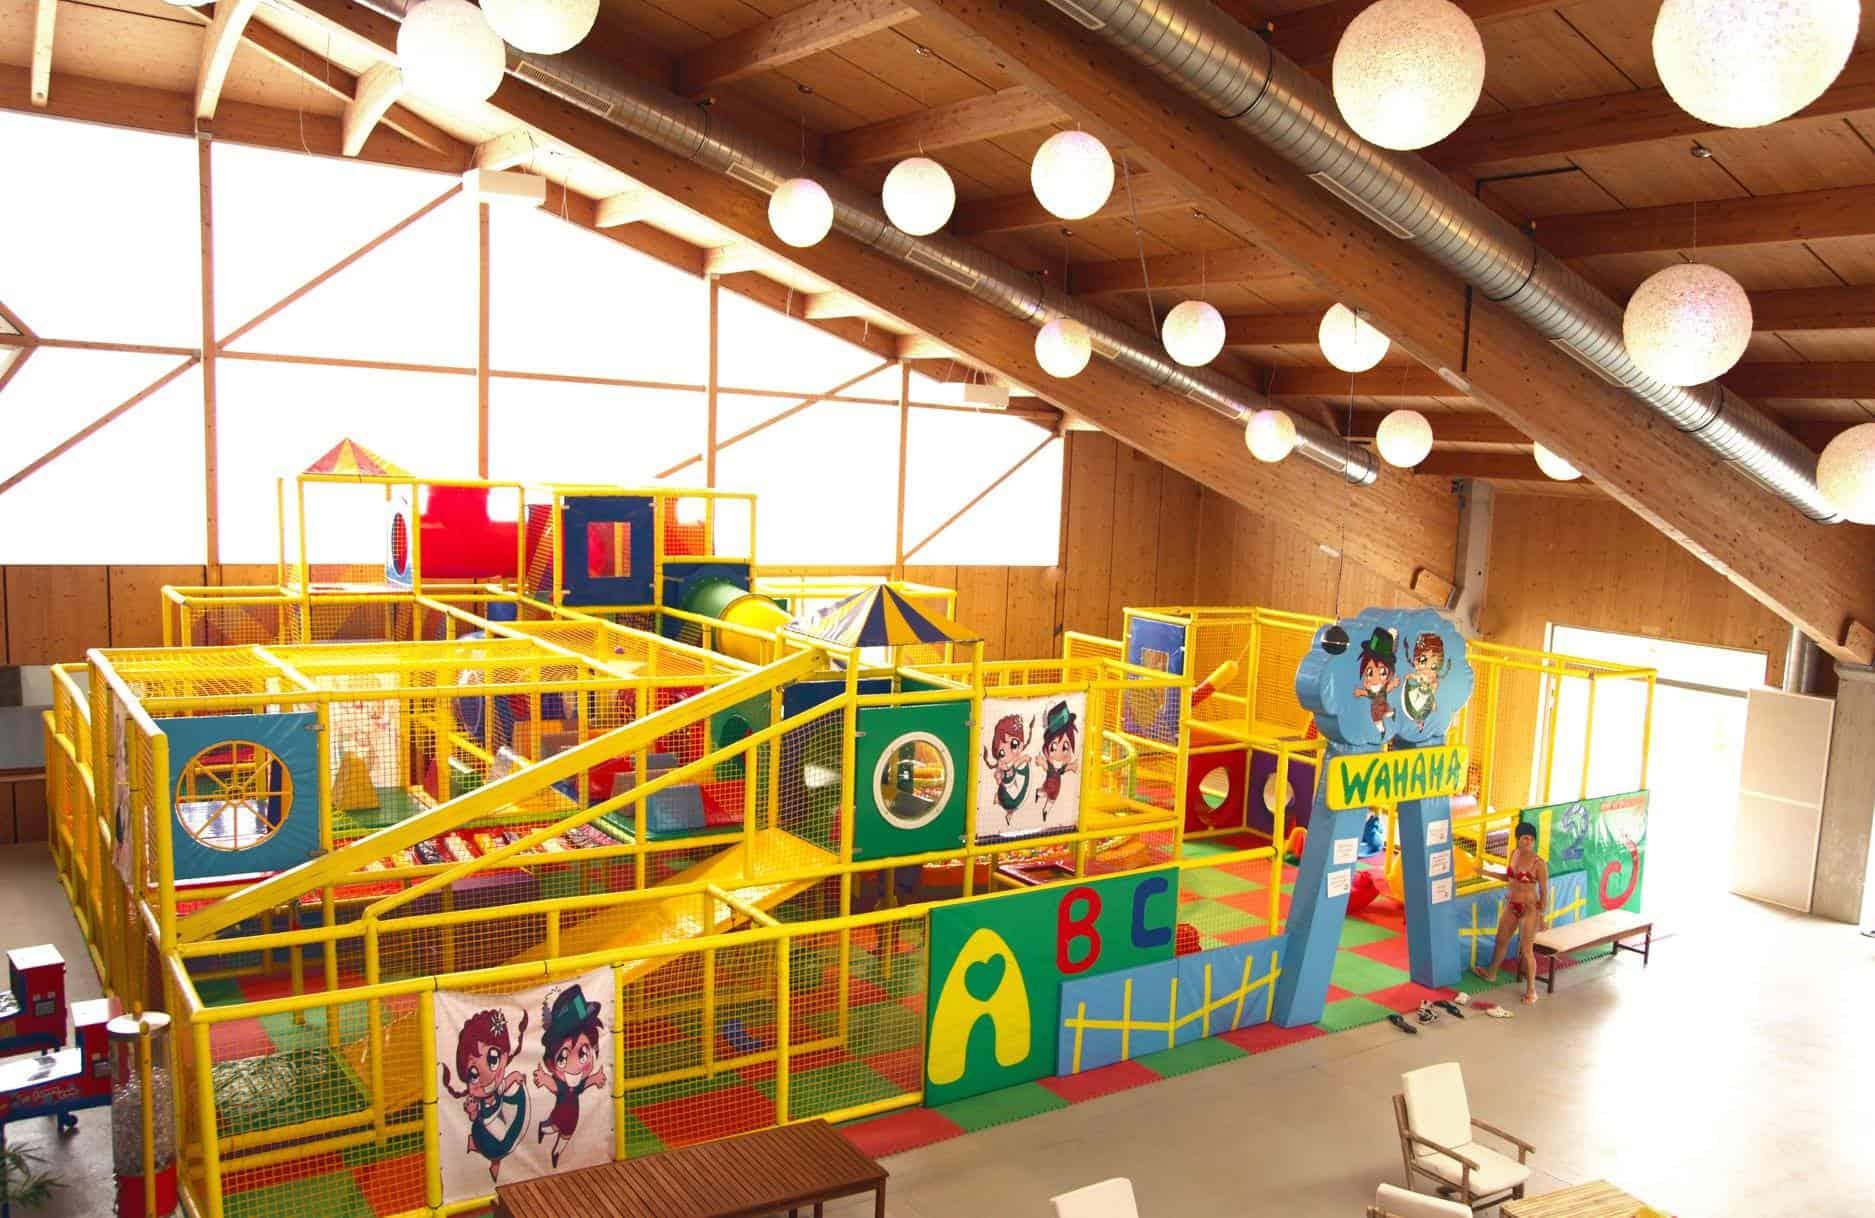 Indoor Spielplatz im Rosental Nähe Wörthersee im Wahaha Paradise im Rosental - auch im Winter geöffnet